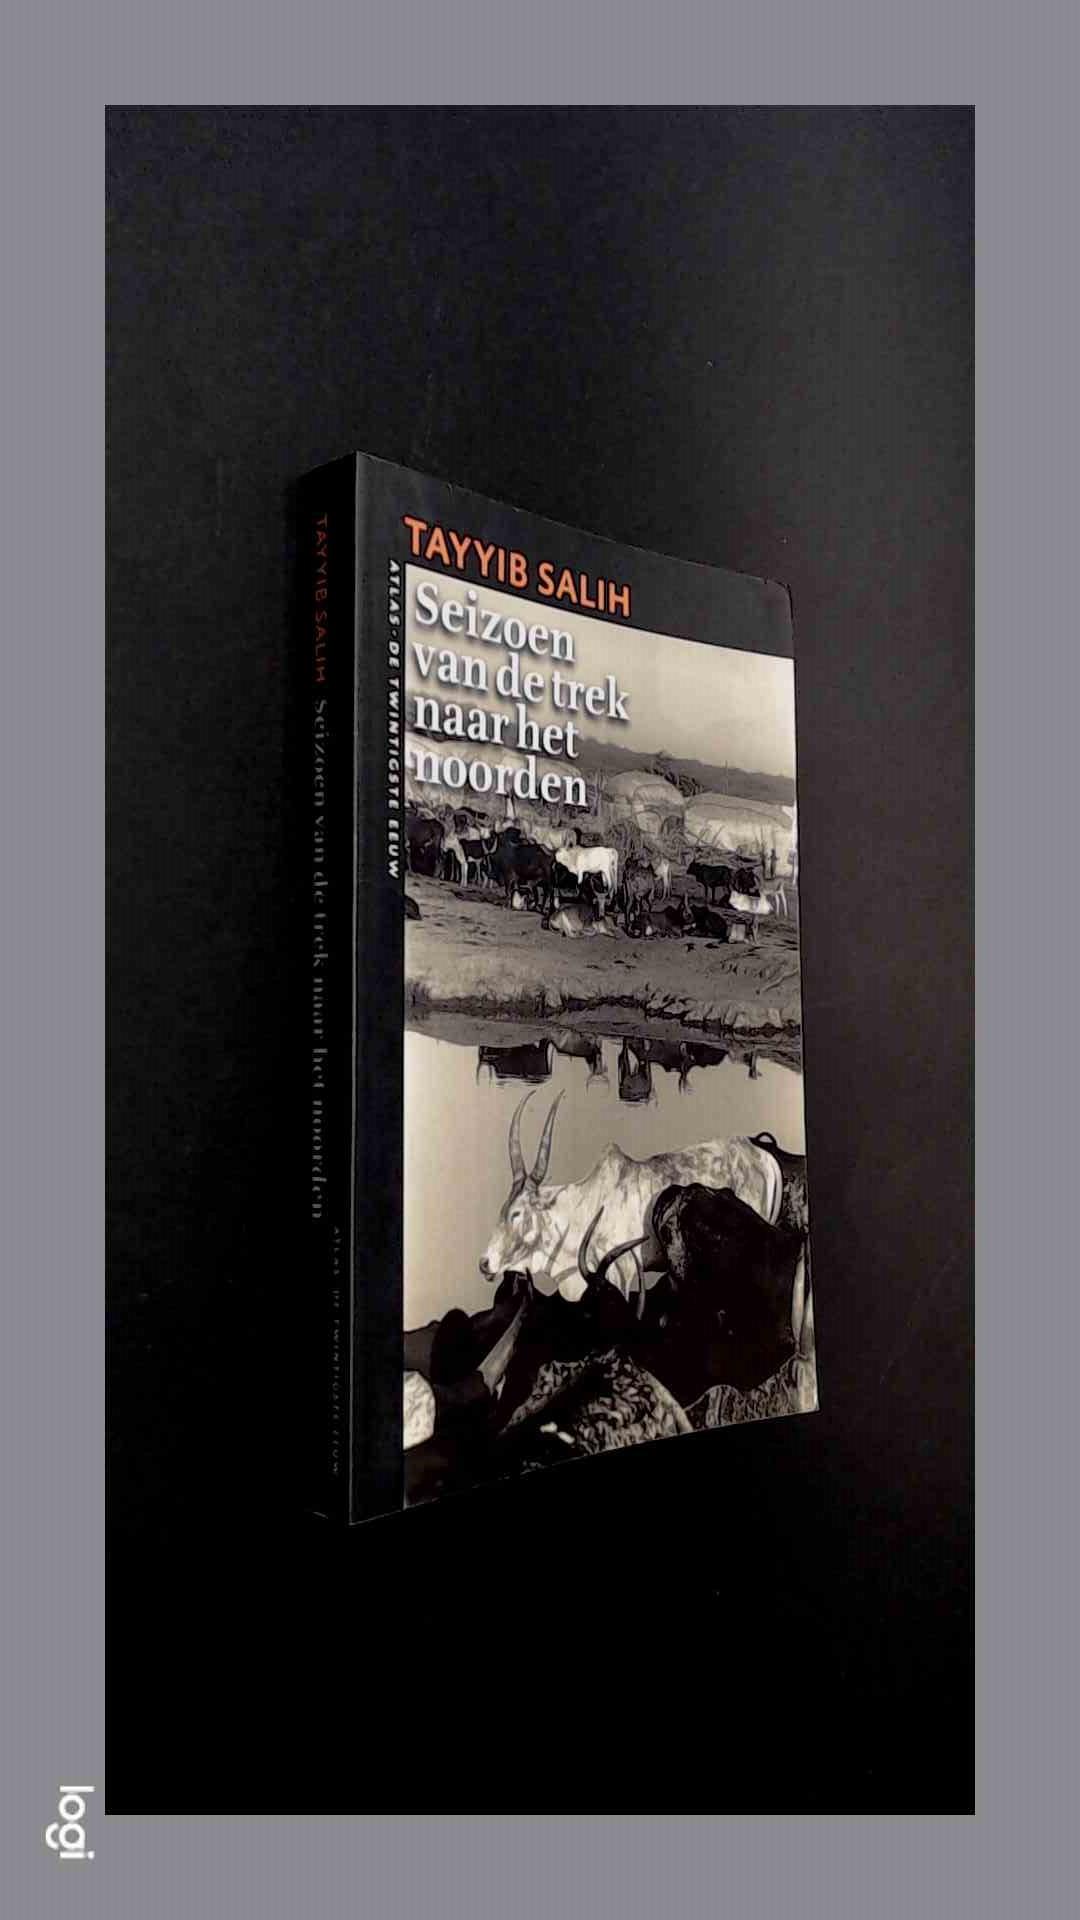 SALIH, TAYYIB - Seizoen van de trek naar het noorden